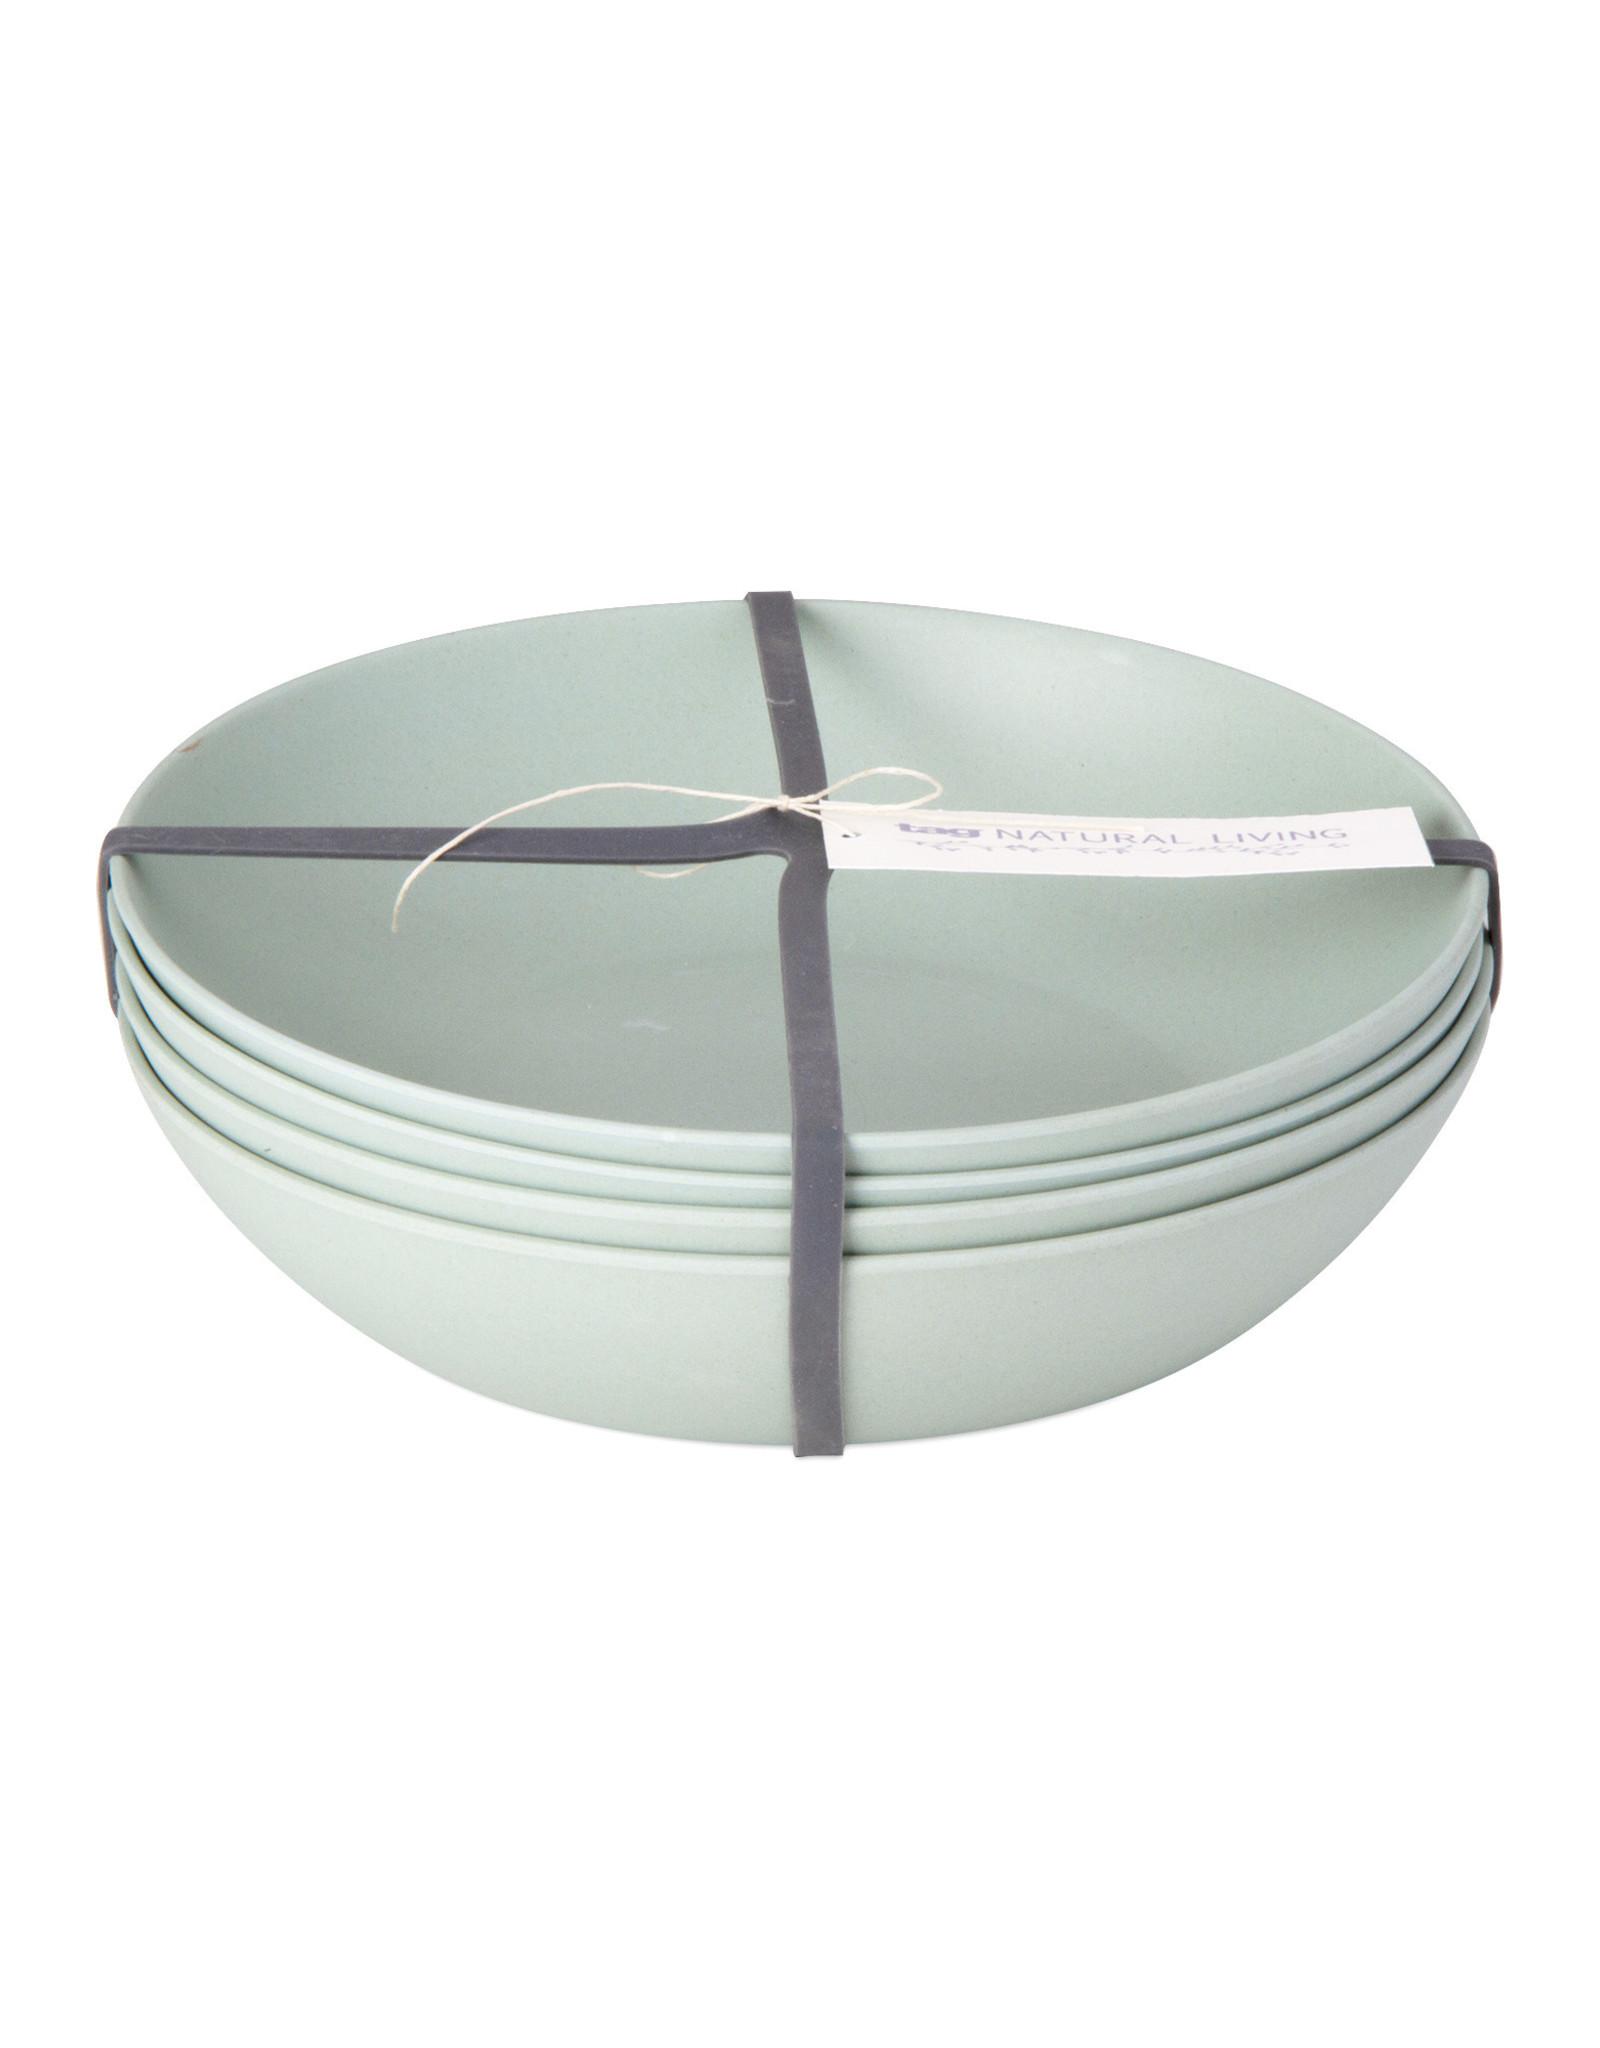 Bamboo Fiber Salad Plate - Set of 4 - Aqua